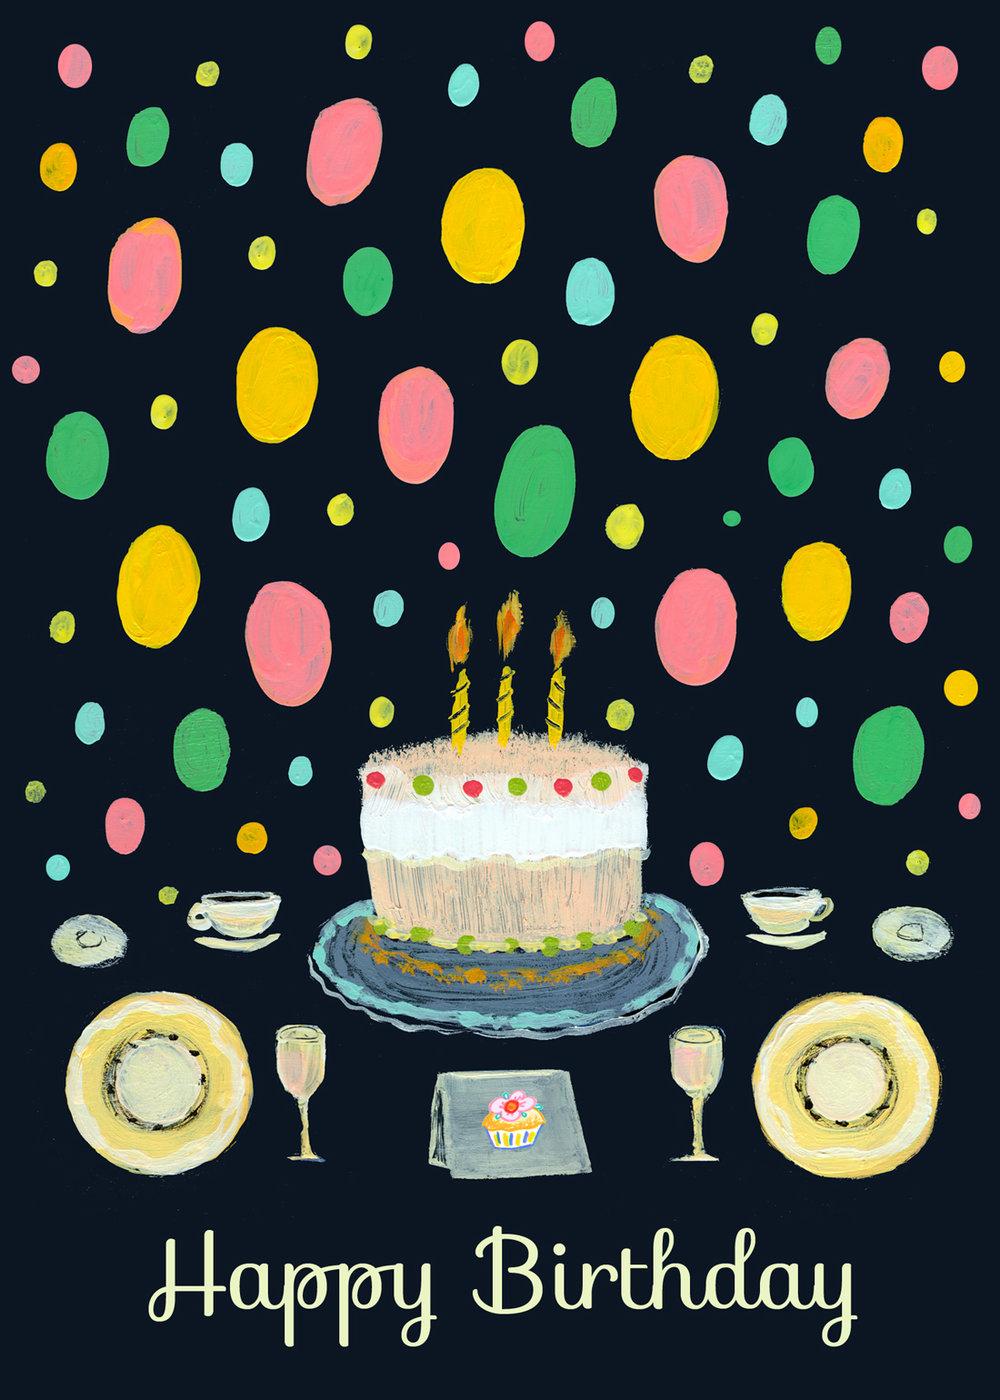 Allyn_Howard_birthday_tbl-Sttng-card.jpg